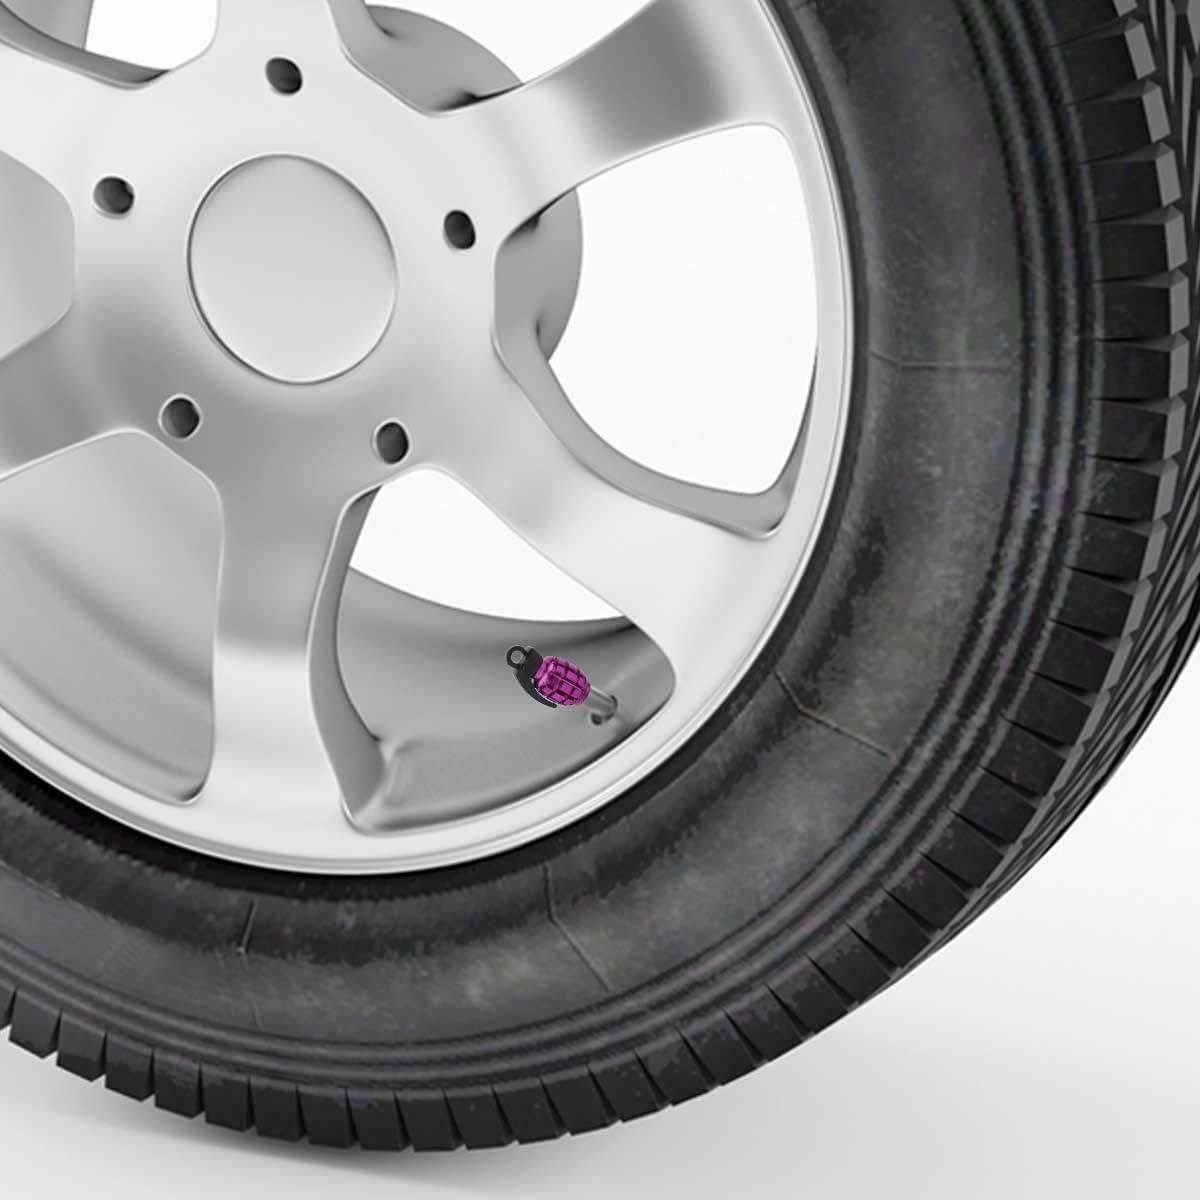 Winka Grenade Style Black Aluminum Tire Wheel Valve Stem Caps for Car Truck Motorcycle Bike